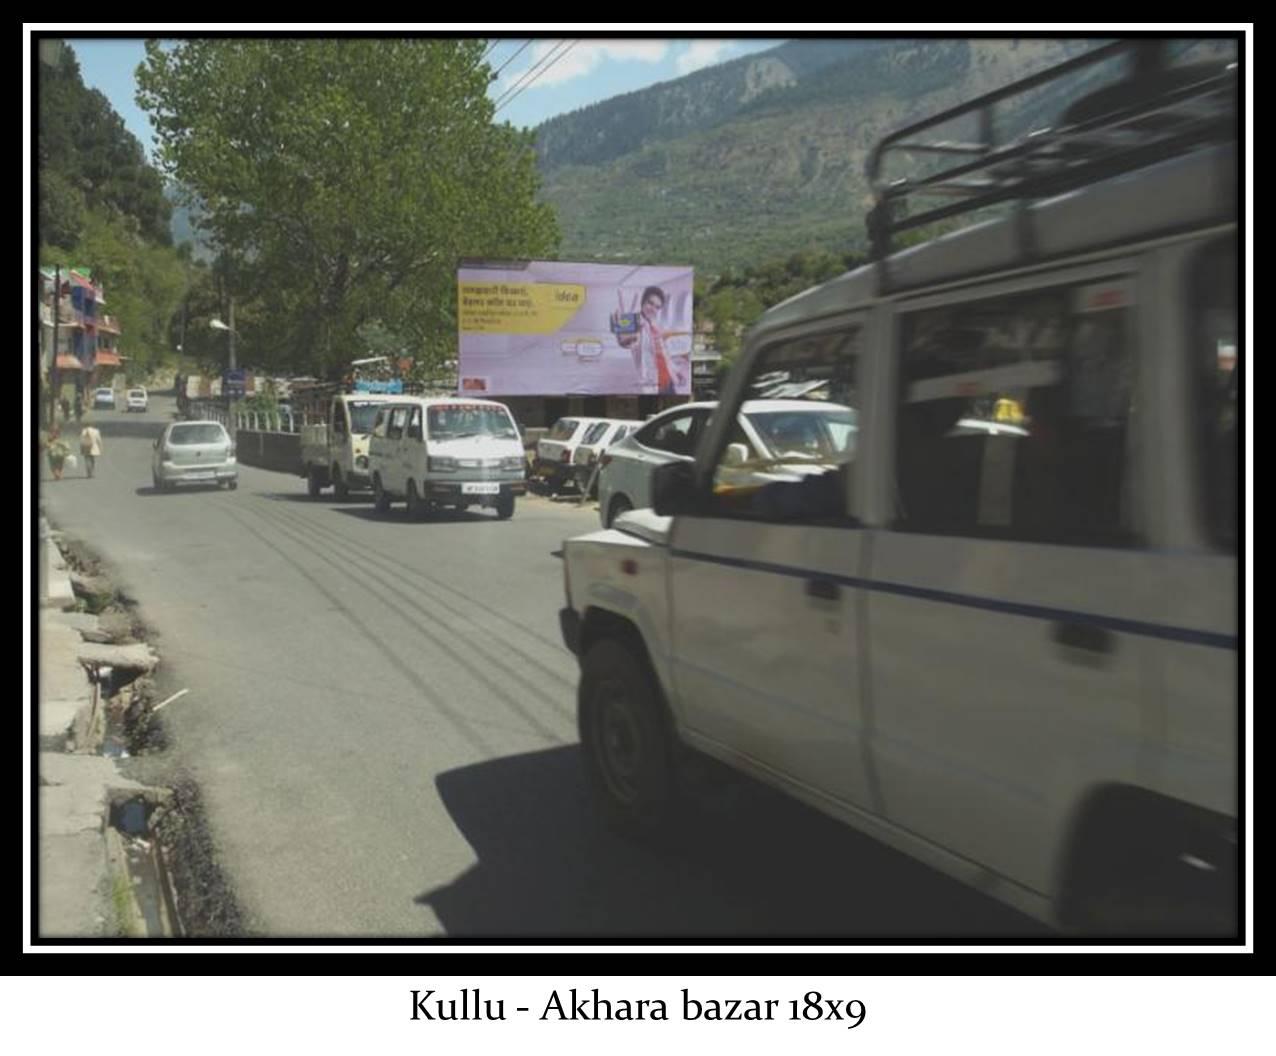 Akhara bazar, Kullu